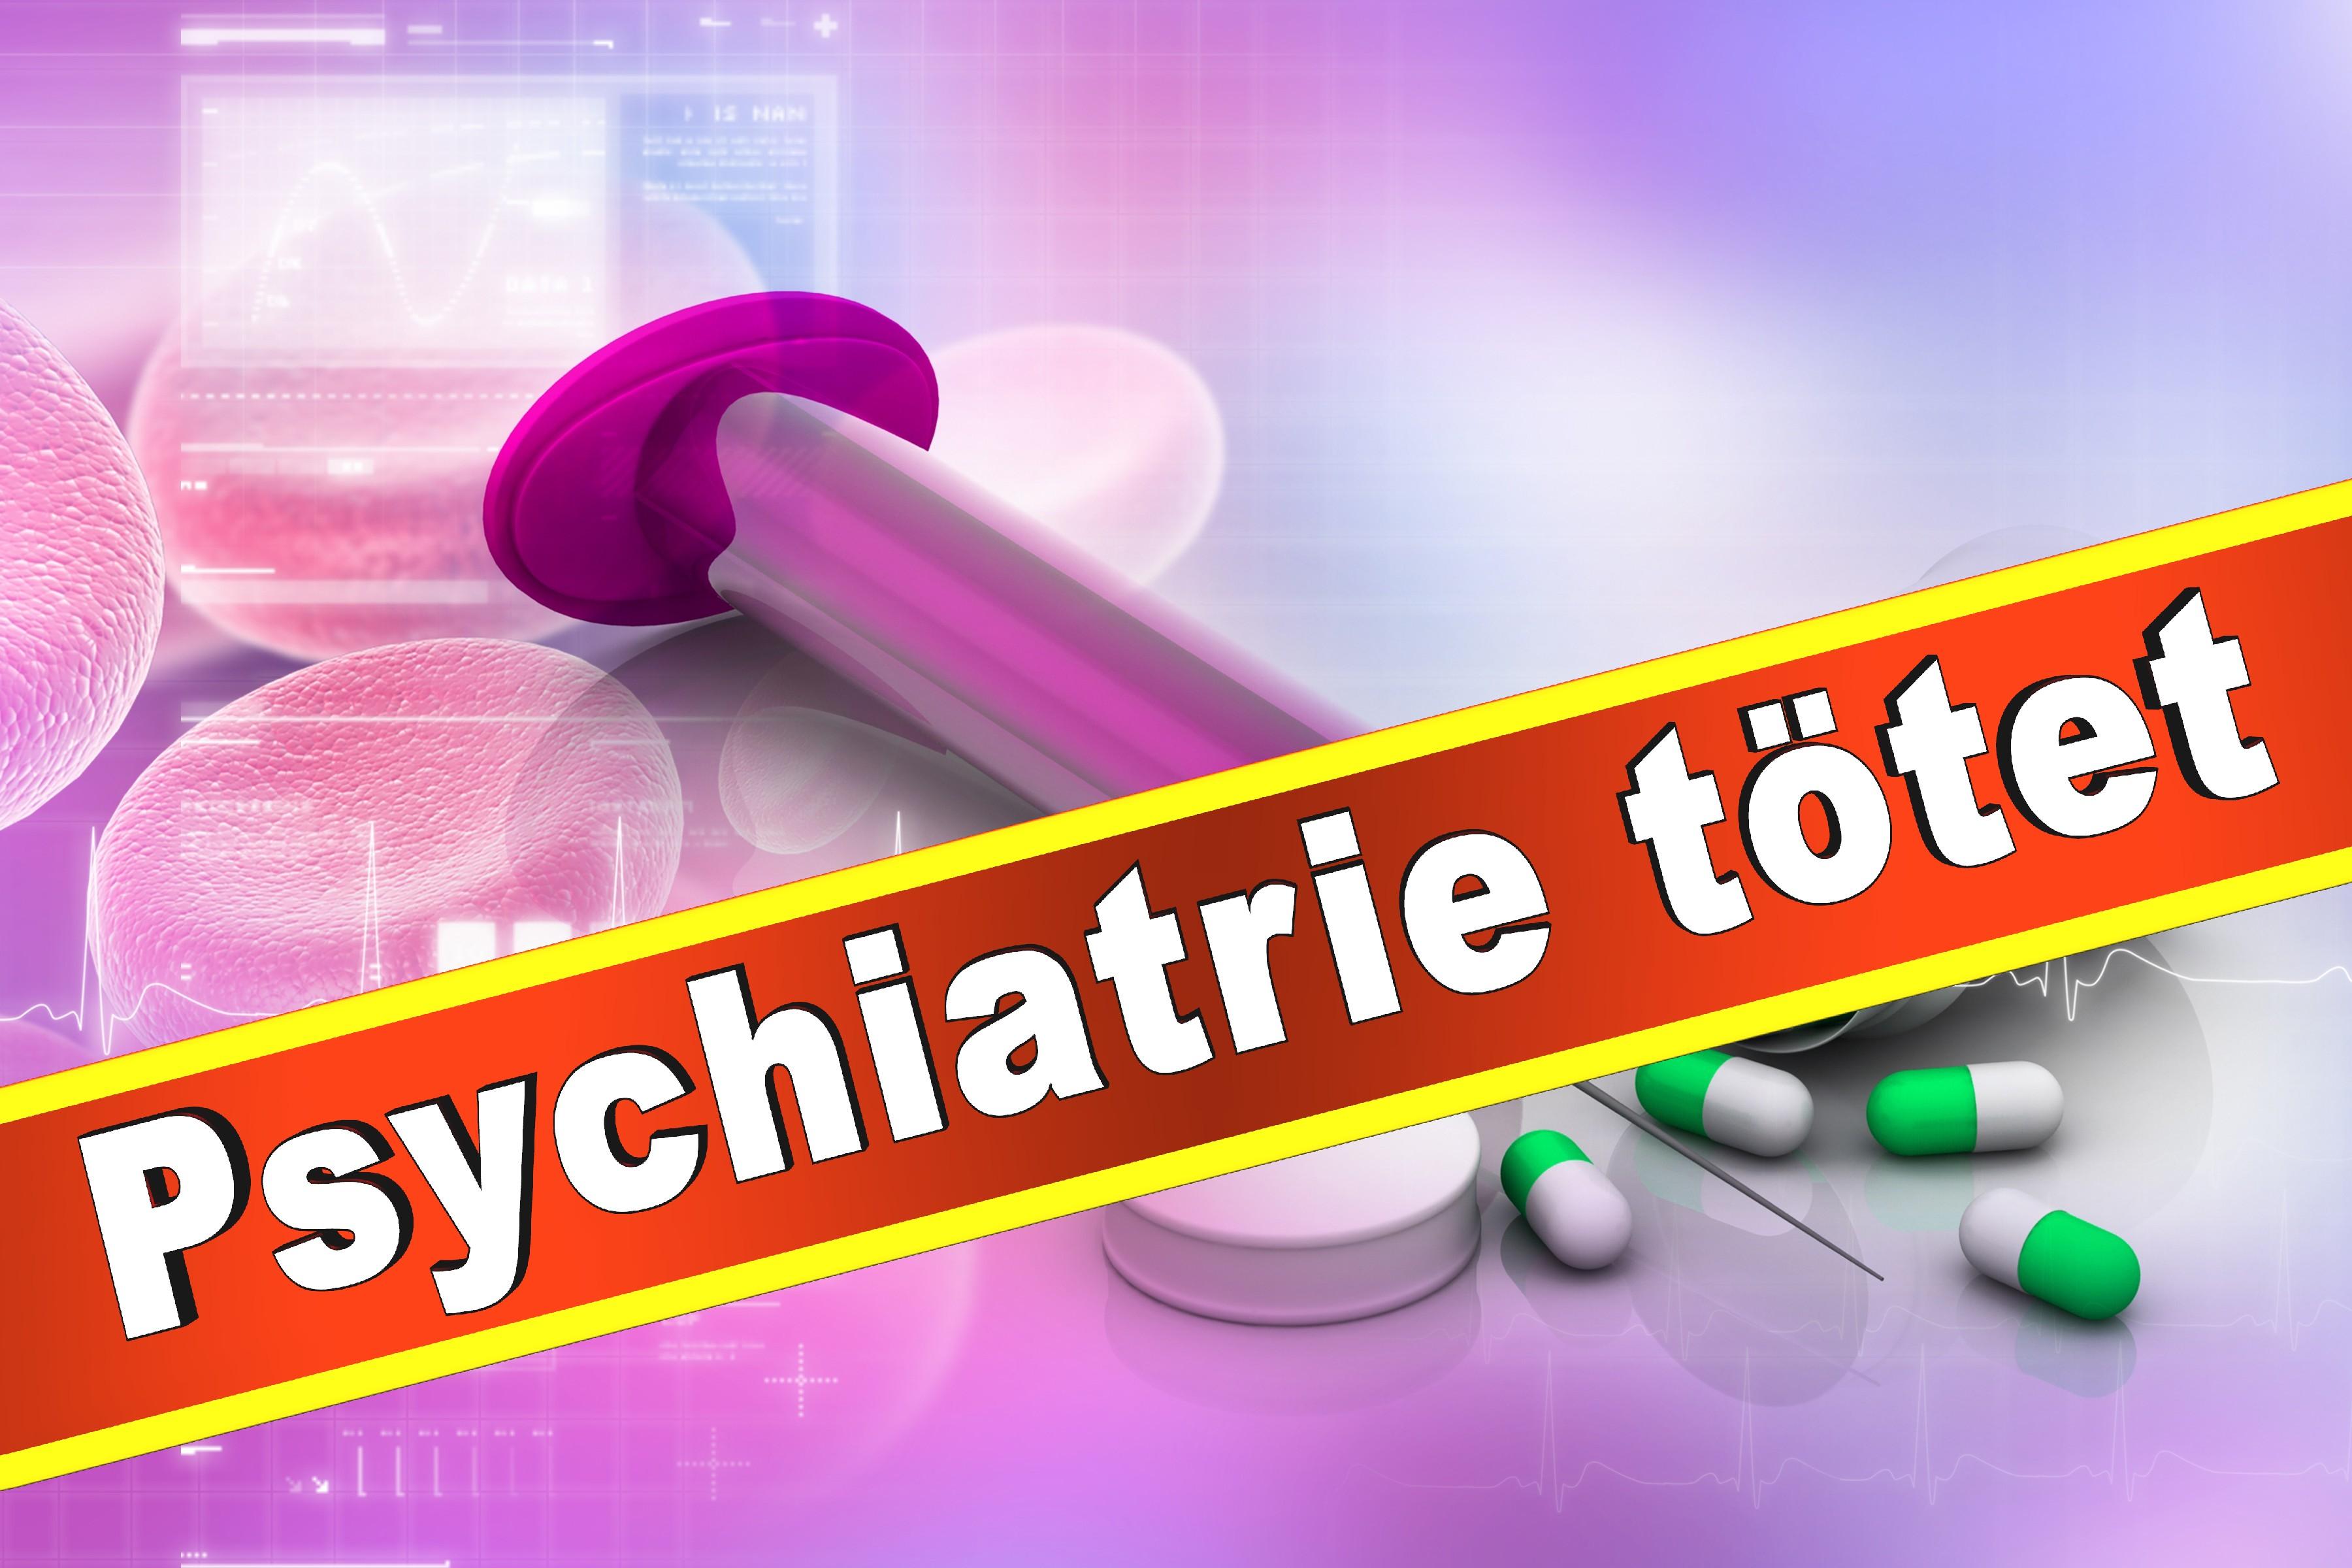 Wielant Machleidt Psychiater Psychotherapeut Professor Praxis Der Interkulturellen Psychiatrie Und Psychotherapie Medizinische Hochschule Hannover Klinik Für Psychiatrie Sozialpsychiatrie (27)